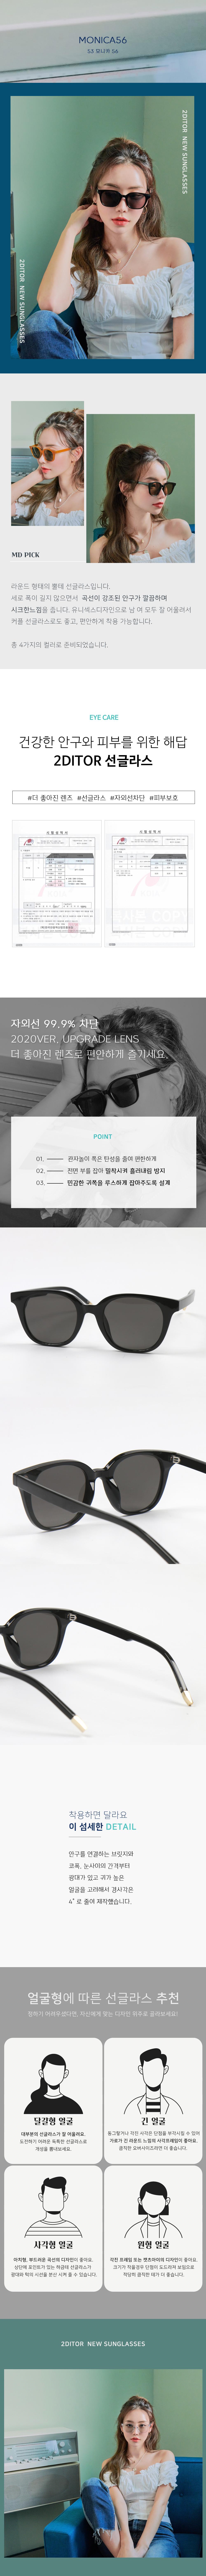 투디터 여자 사각 뿔테 선글라스21,900원-투디터패션잡화, 아이웨어, 안경/선글라스, 선글라스바보사랑투디터 여자 사각 뿔테 선글라스21,900원-투디터패션잡화, 아이웨어, 안경/선글라스, 선글라스바보사랑